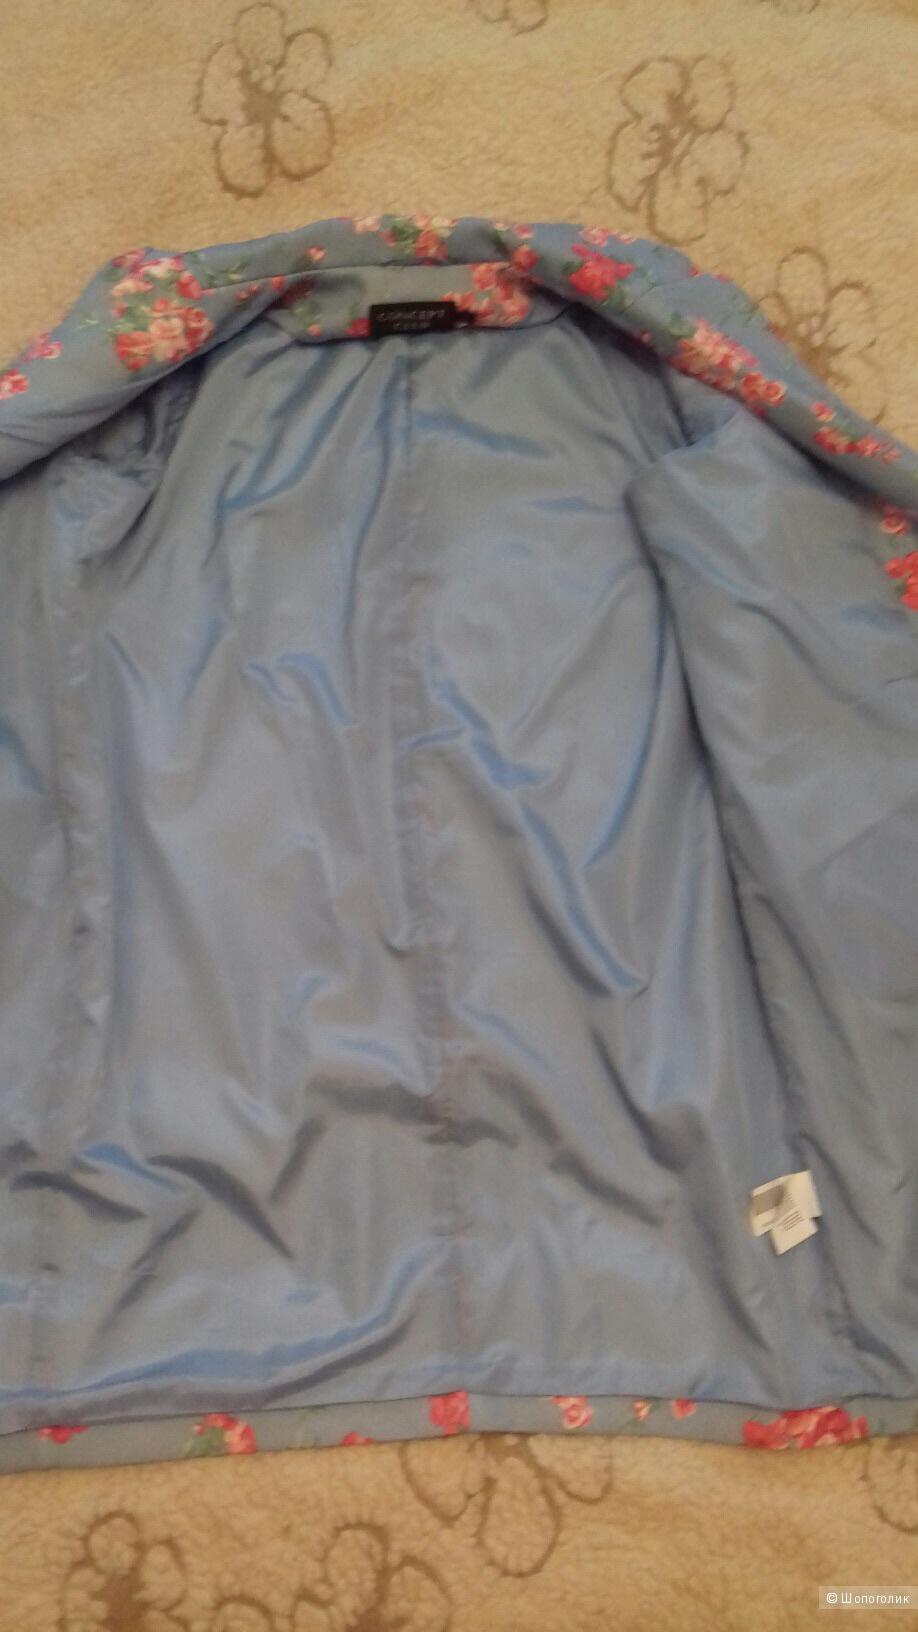 Пальто Concept Clab. Размер L  ( русский 48-52 ).